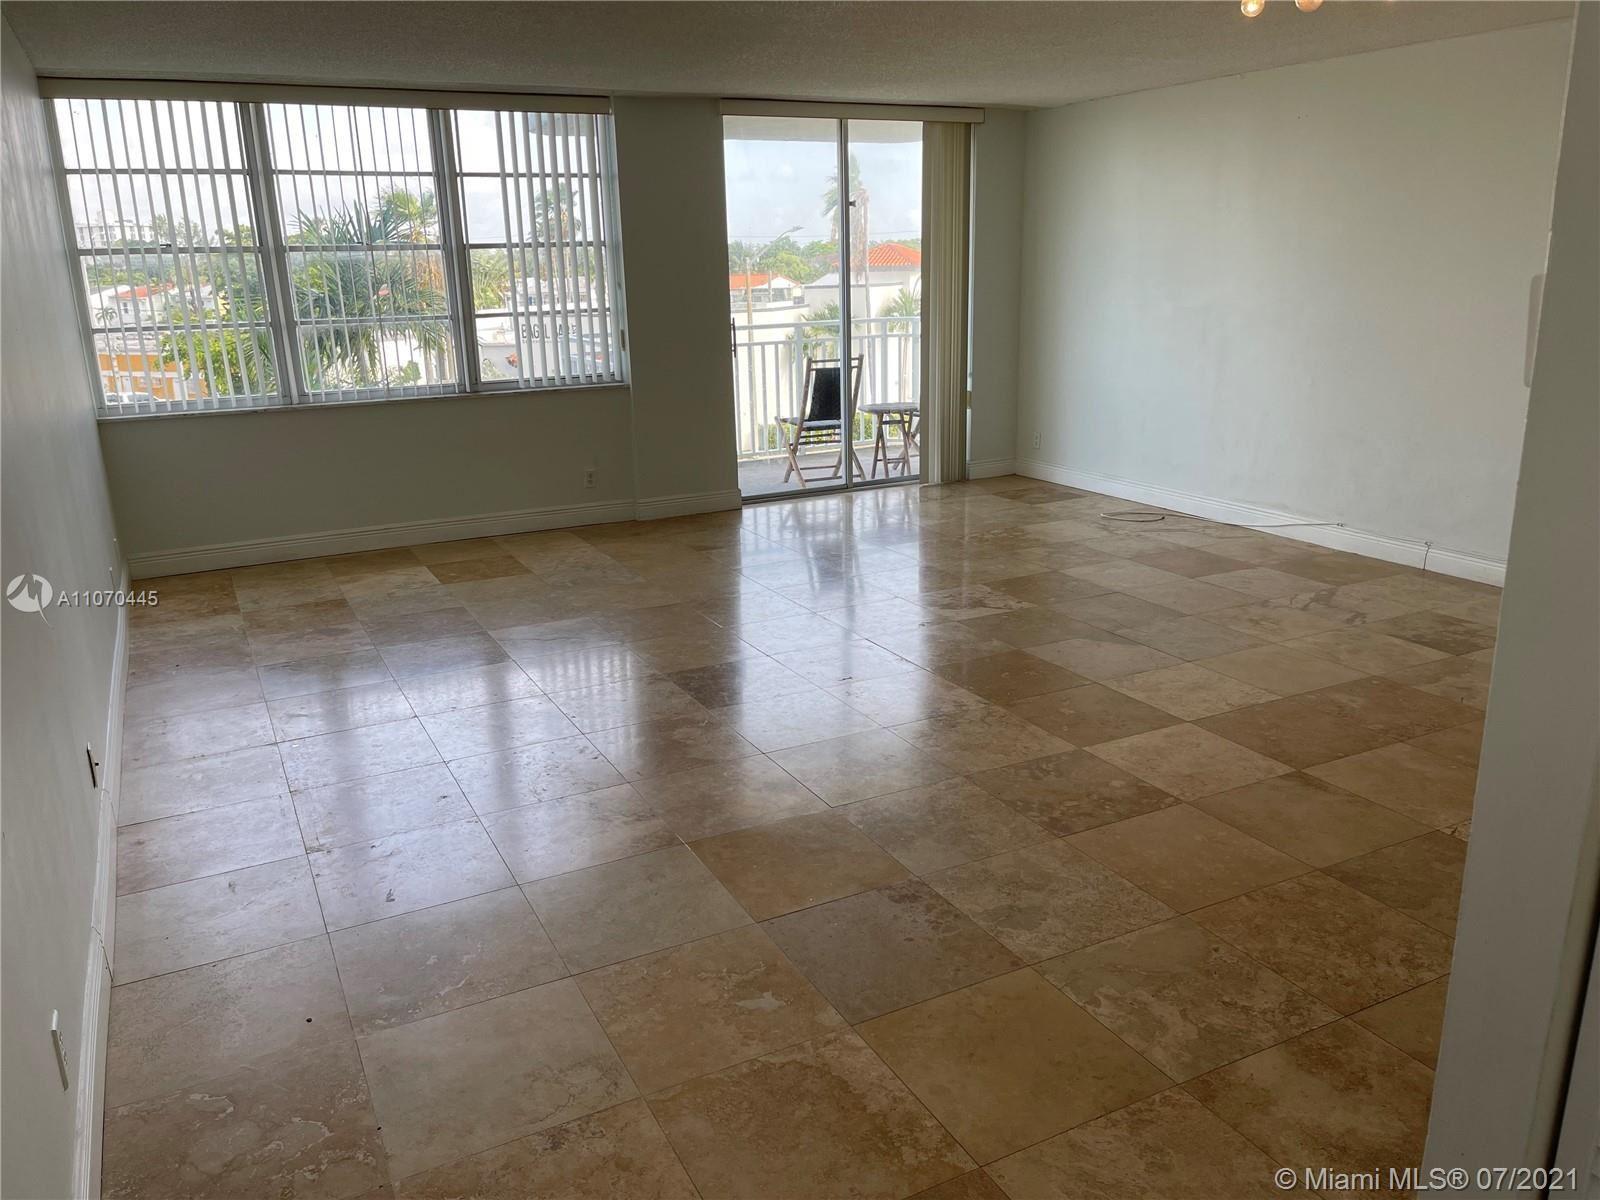 2150 Sans Souci Blvd #B306, North Miami, FL 33181 - #: A11070445